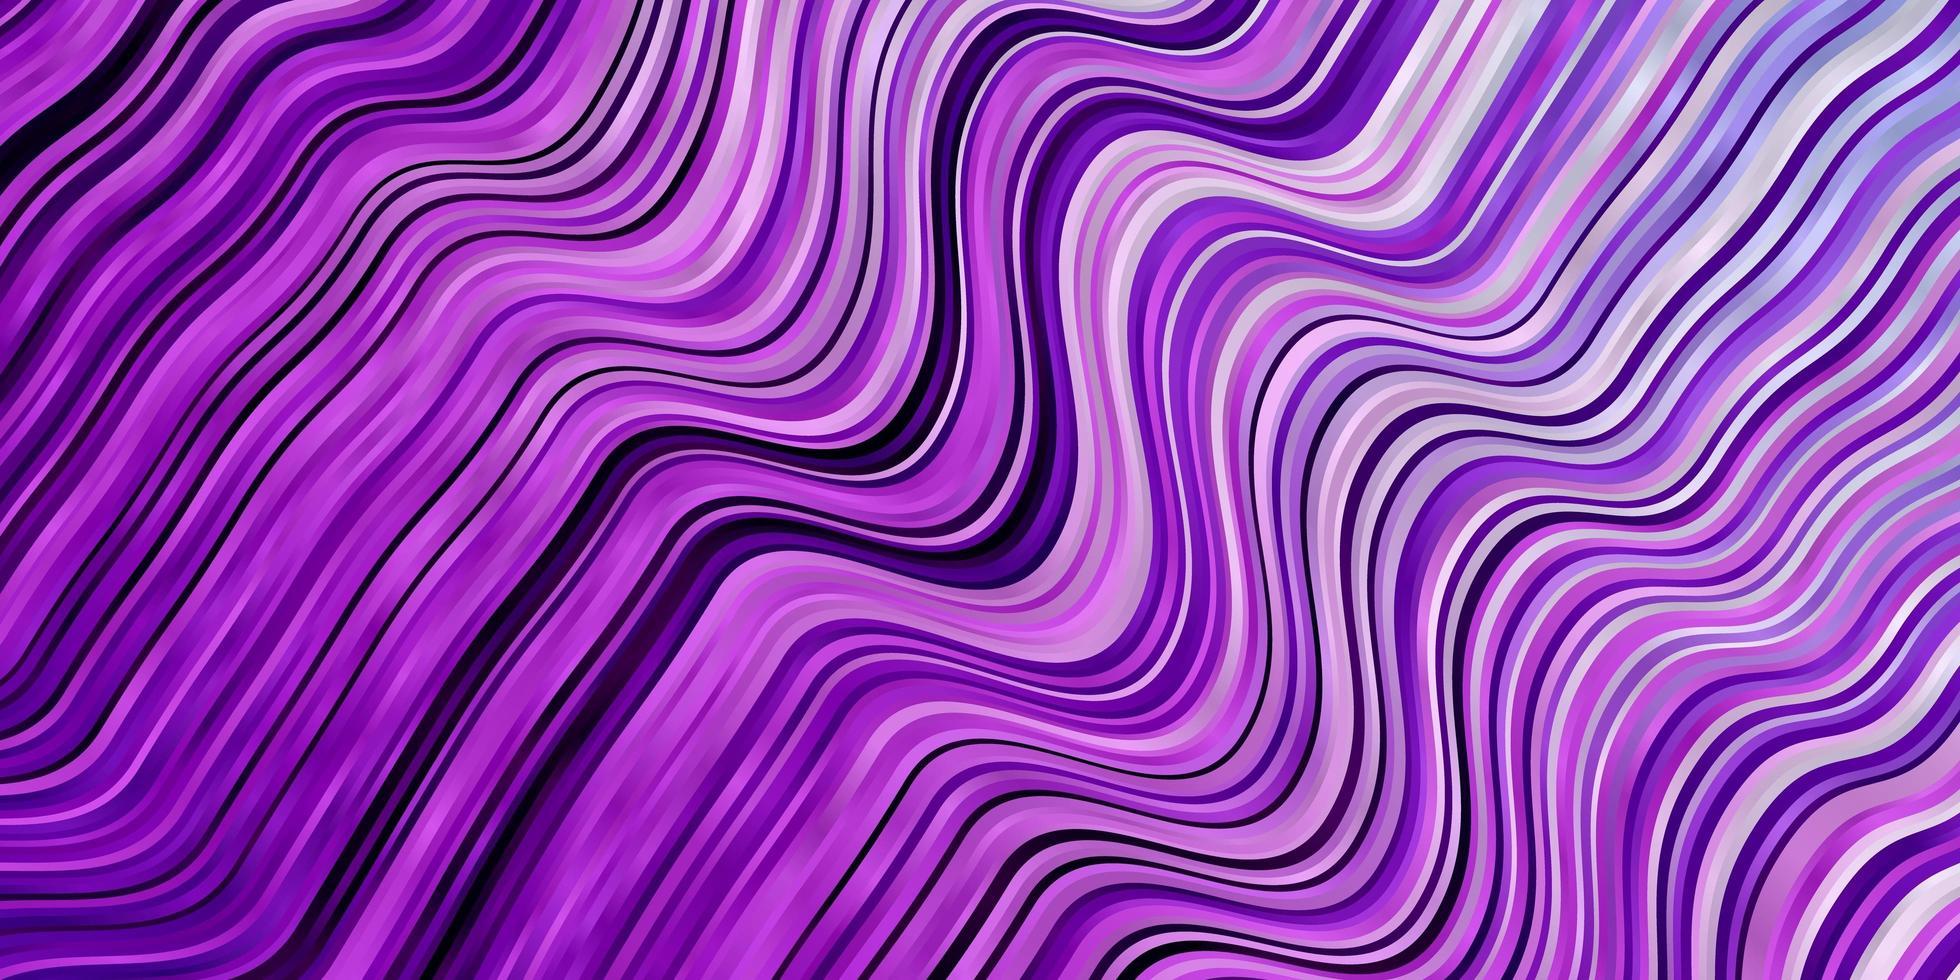 hellviolette Vektorbeschaffenheit mit trockenen Linien. vektor